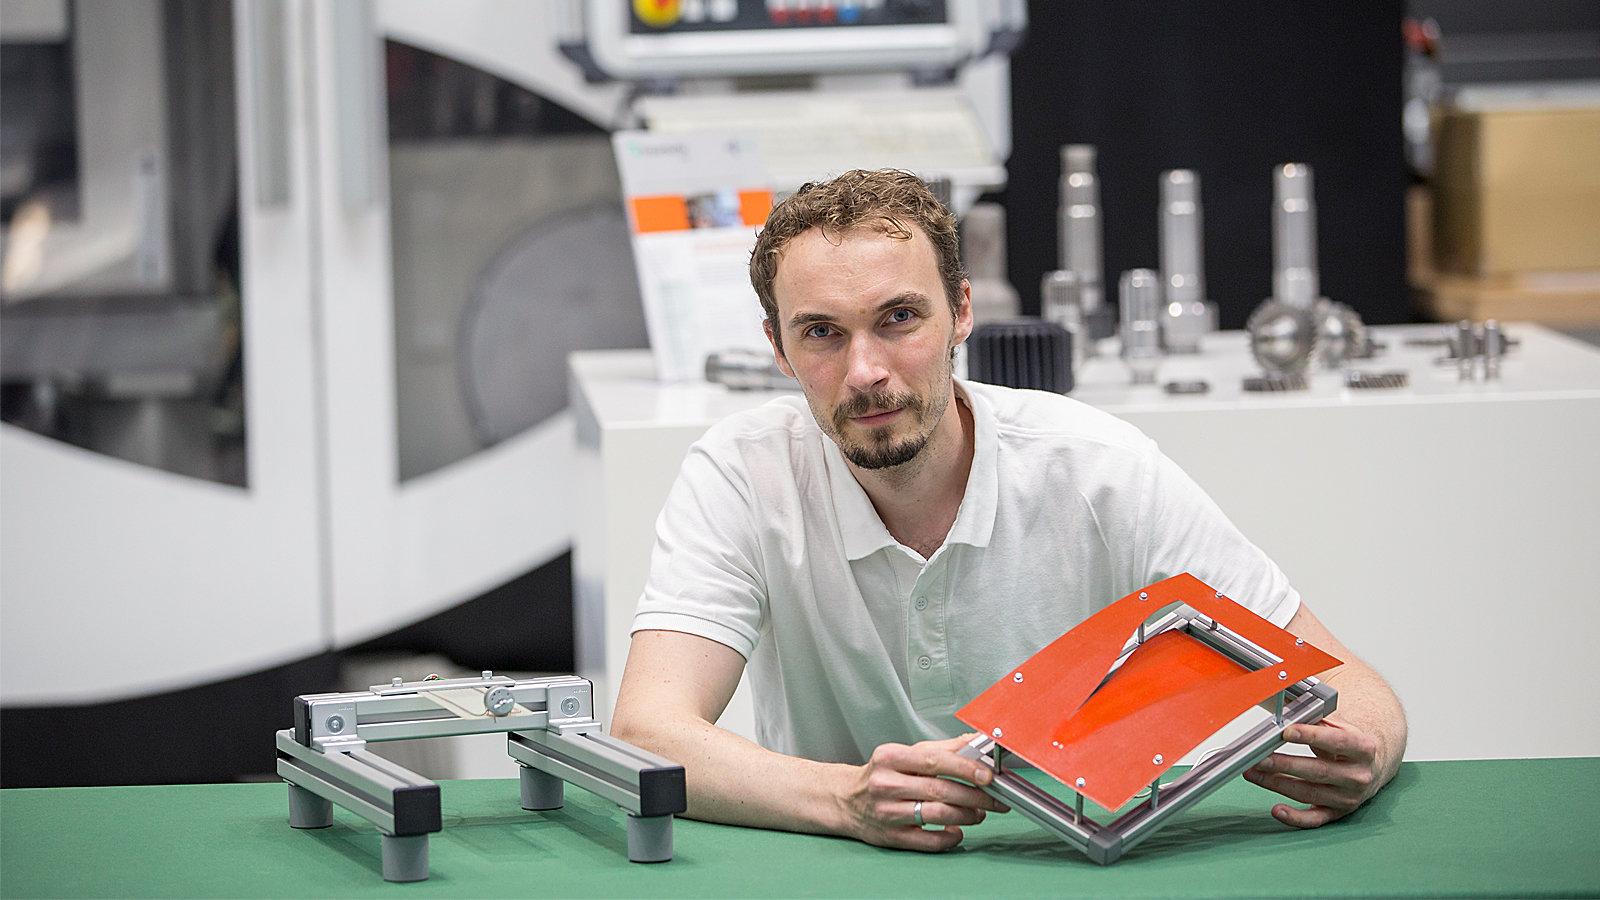 Kleiner Draht, große Wirkung | Uni aktuell | TU Chemnitz